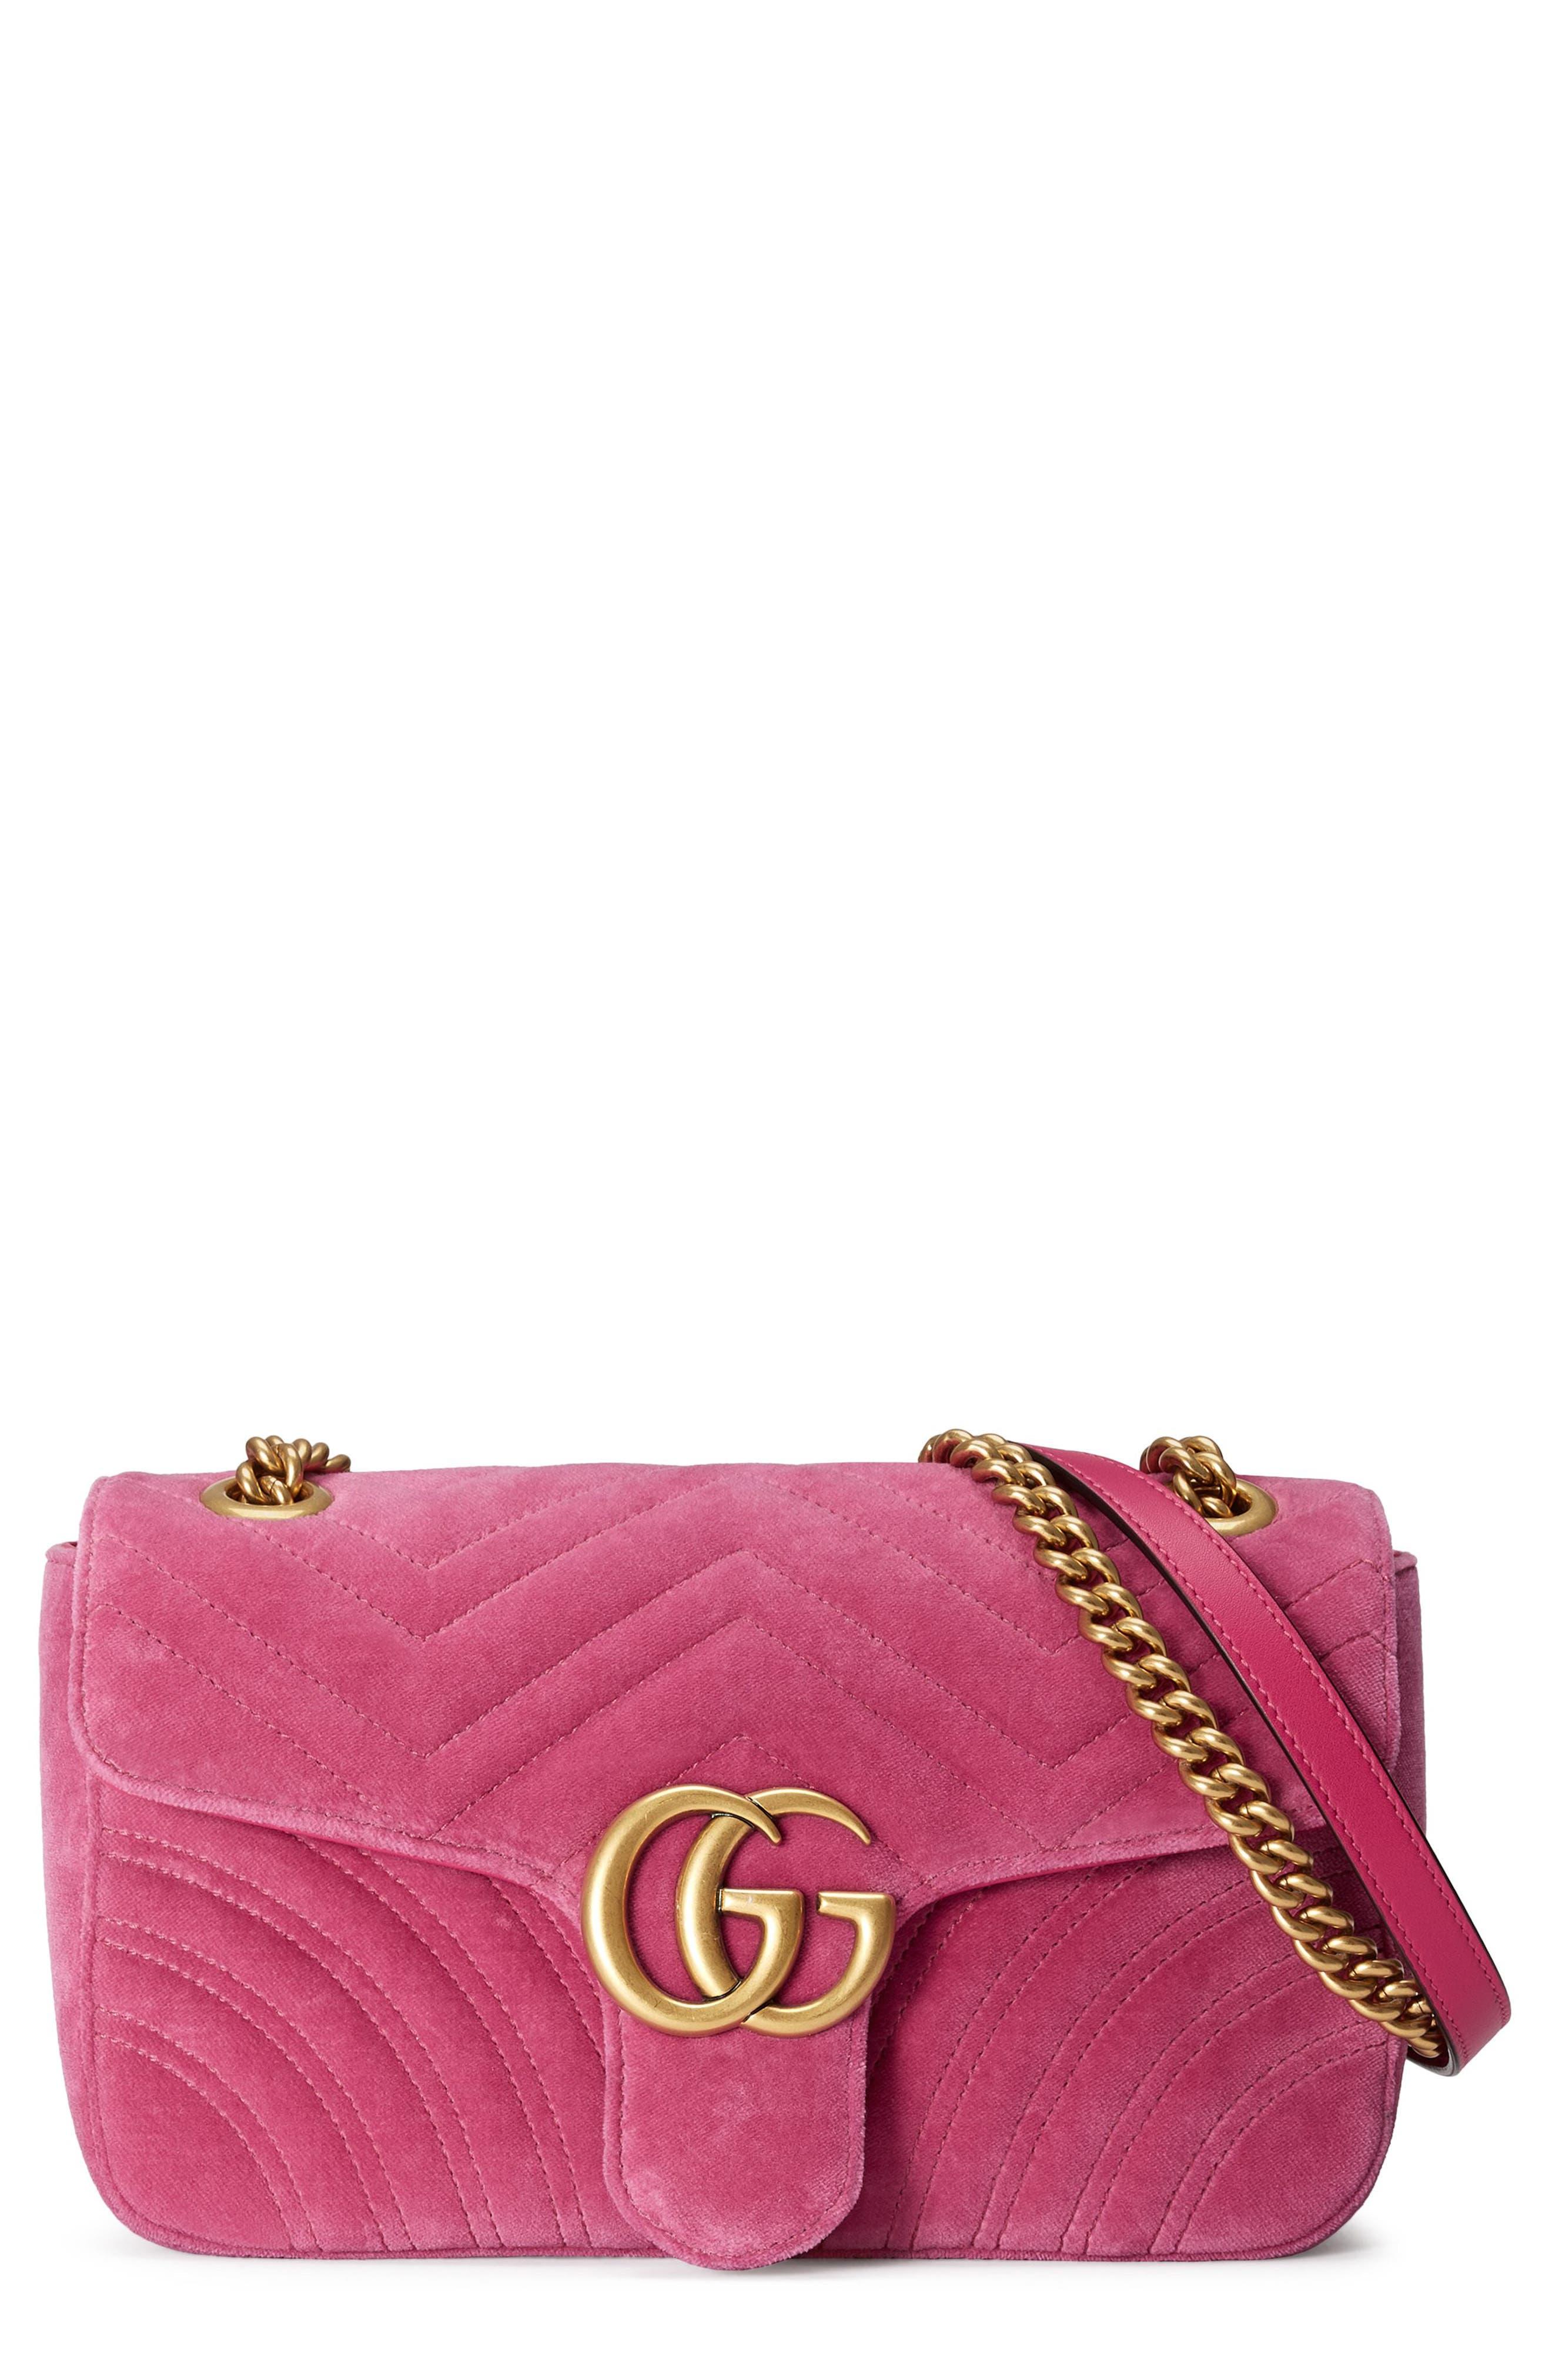 Medium GG Marmont 2.0 Matelassé Velvet Shoulder Bag,                         Main,                         color, Raspberry/ Raspberry Multi